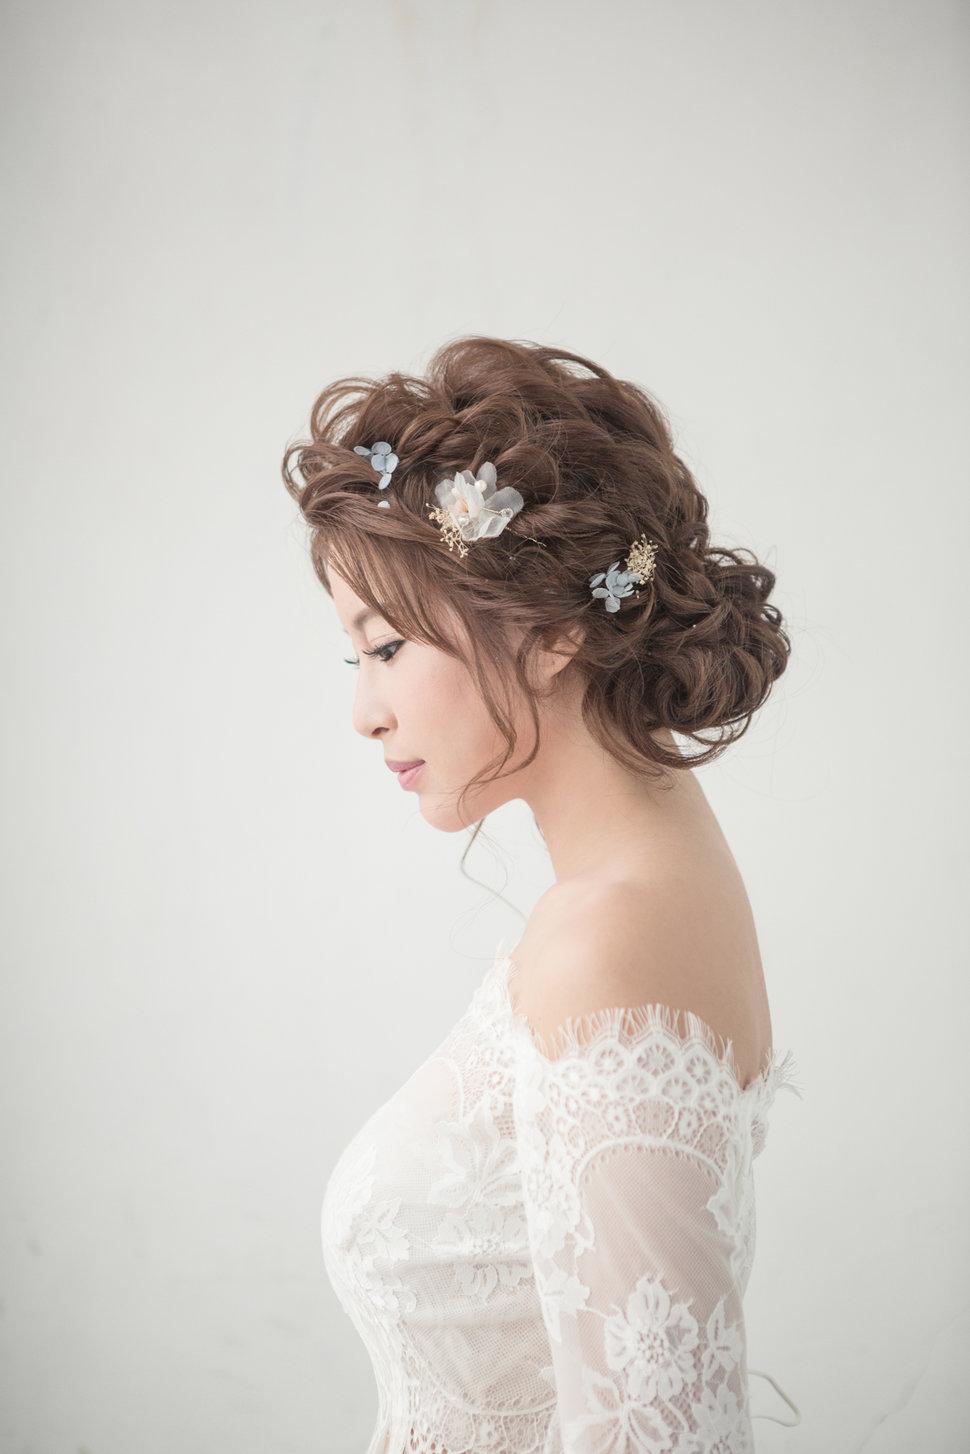 【純真精靈】低髻造型/純淨妝感-15 - iling彩妝造型 - 結婚吧